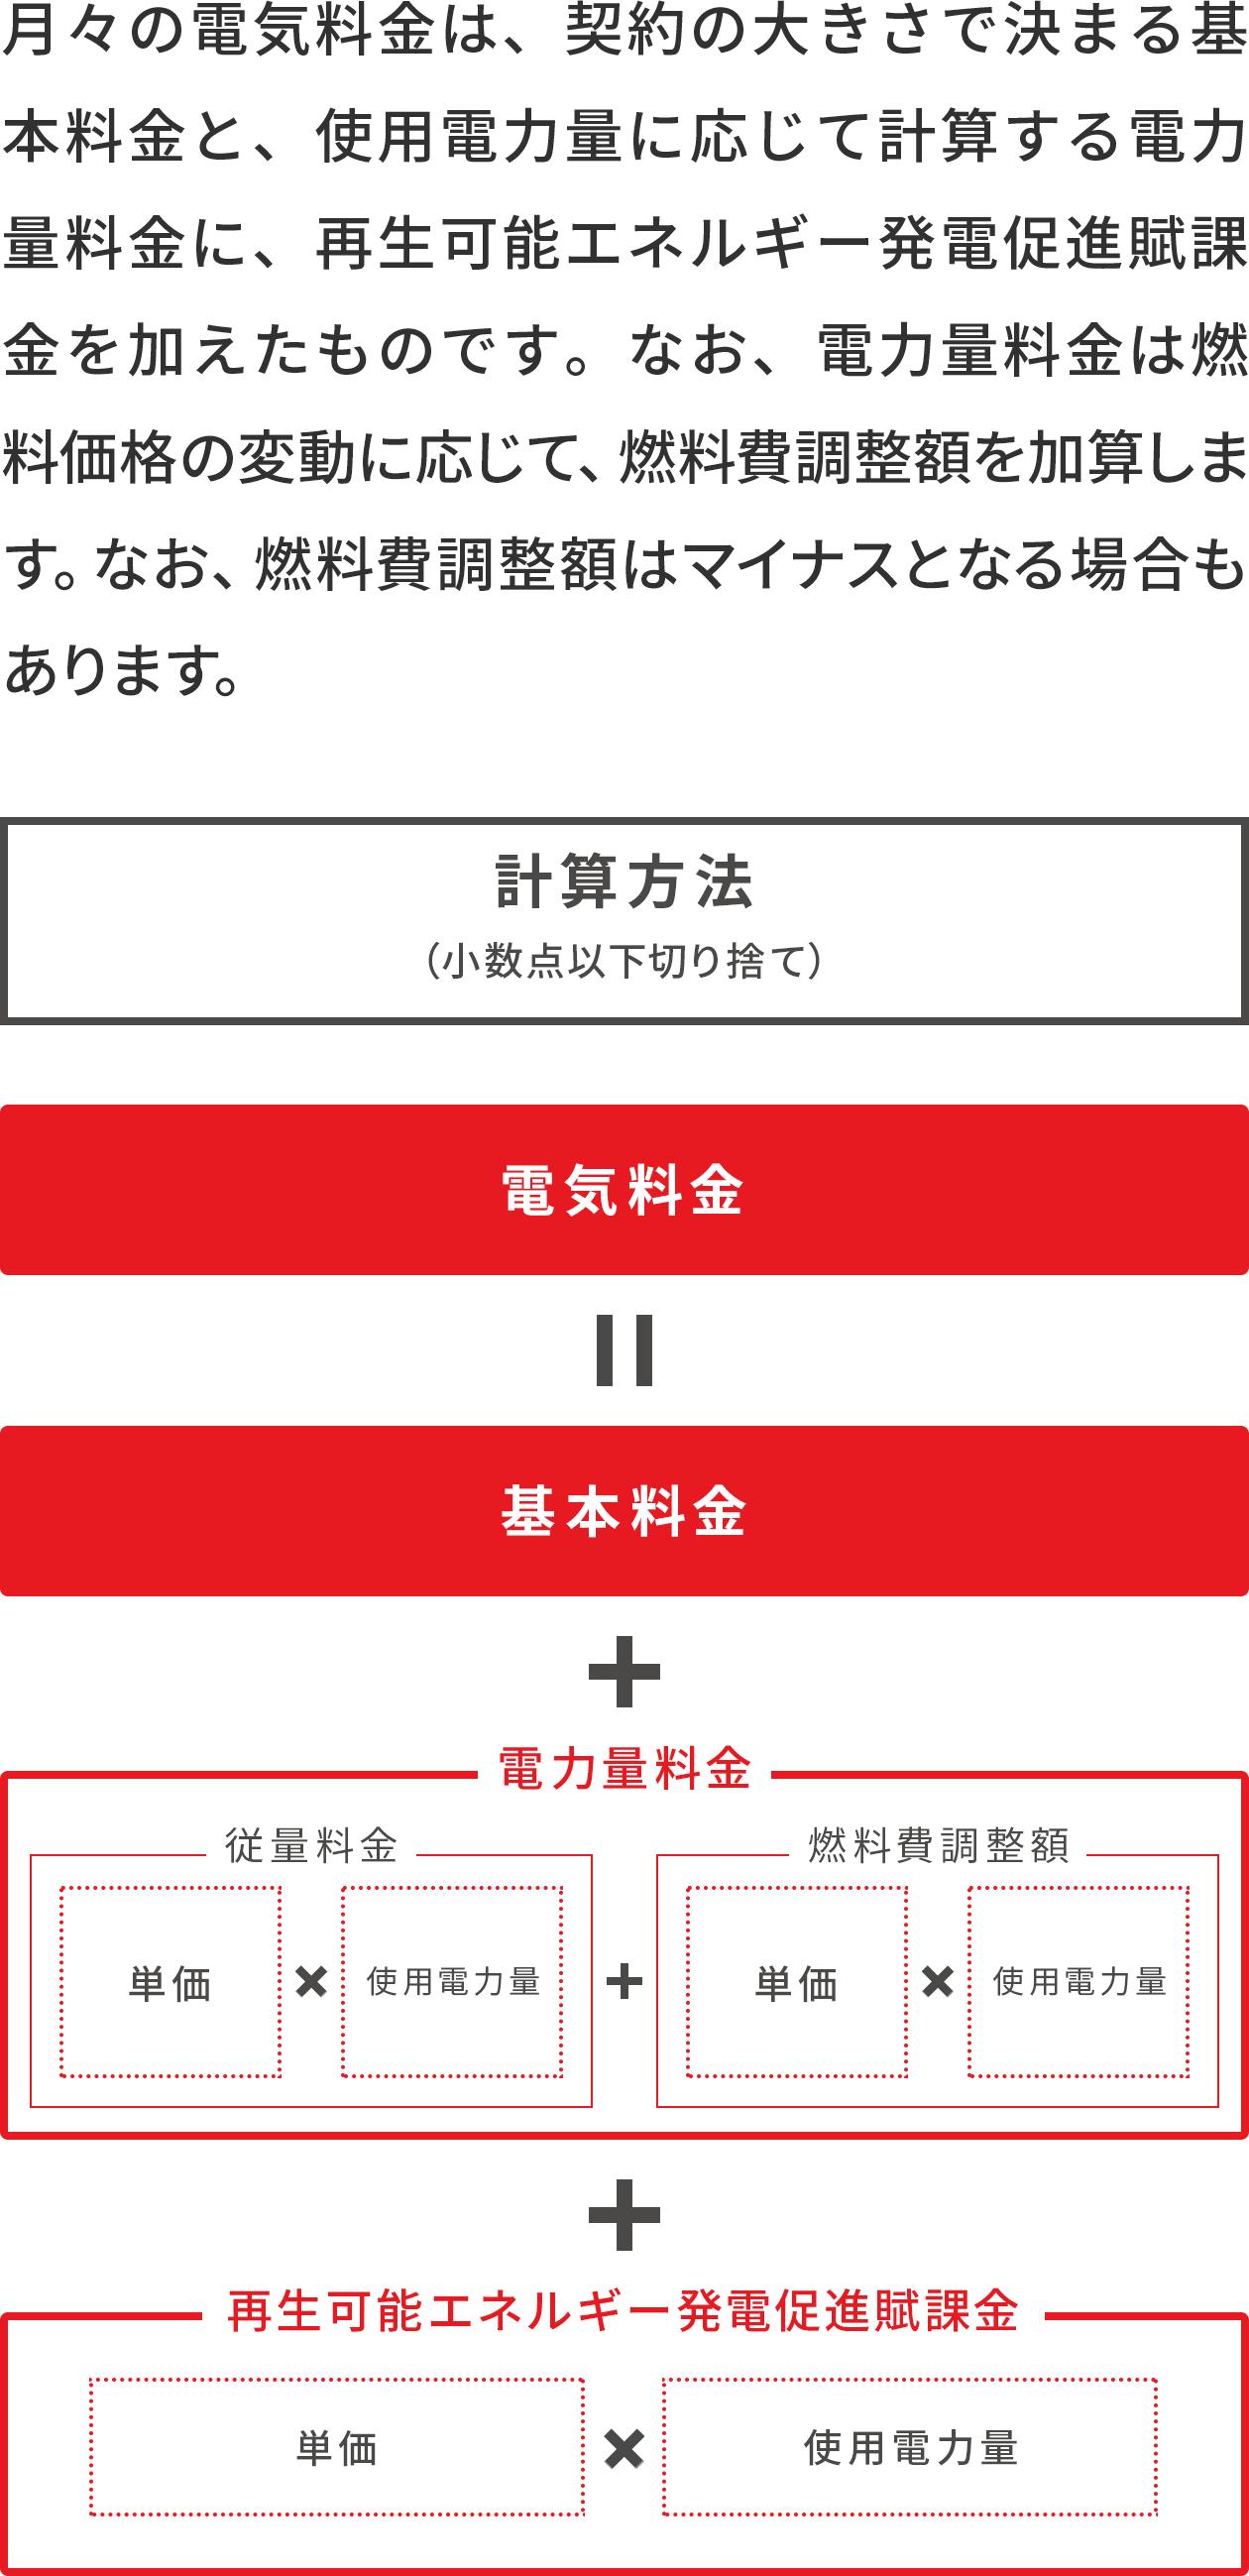 電気料金 関東